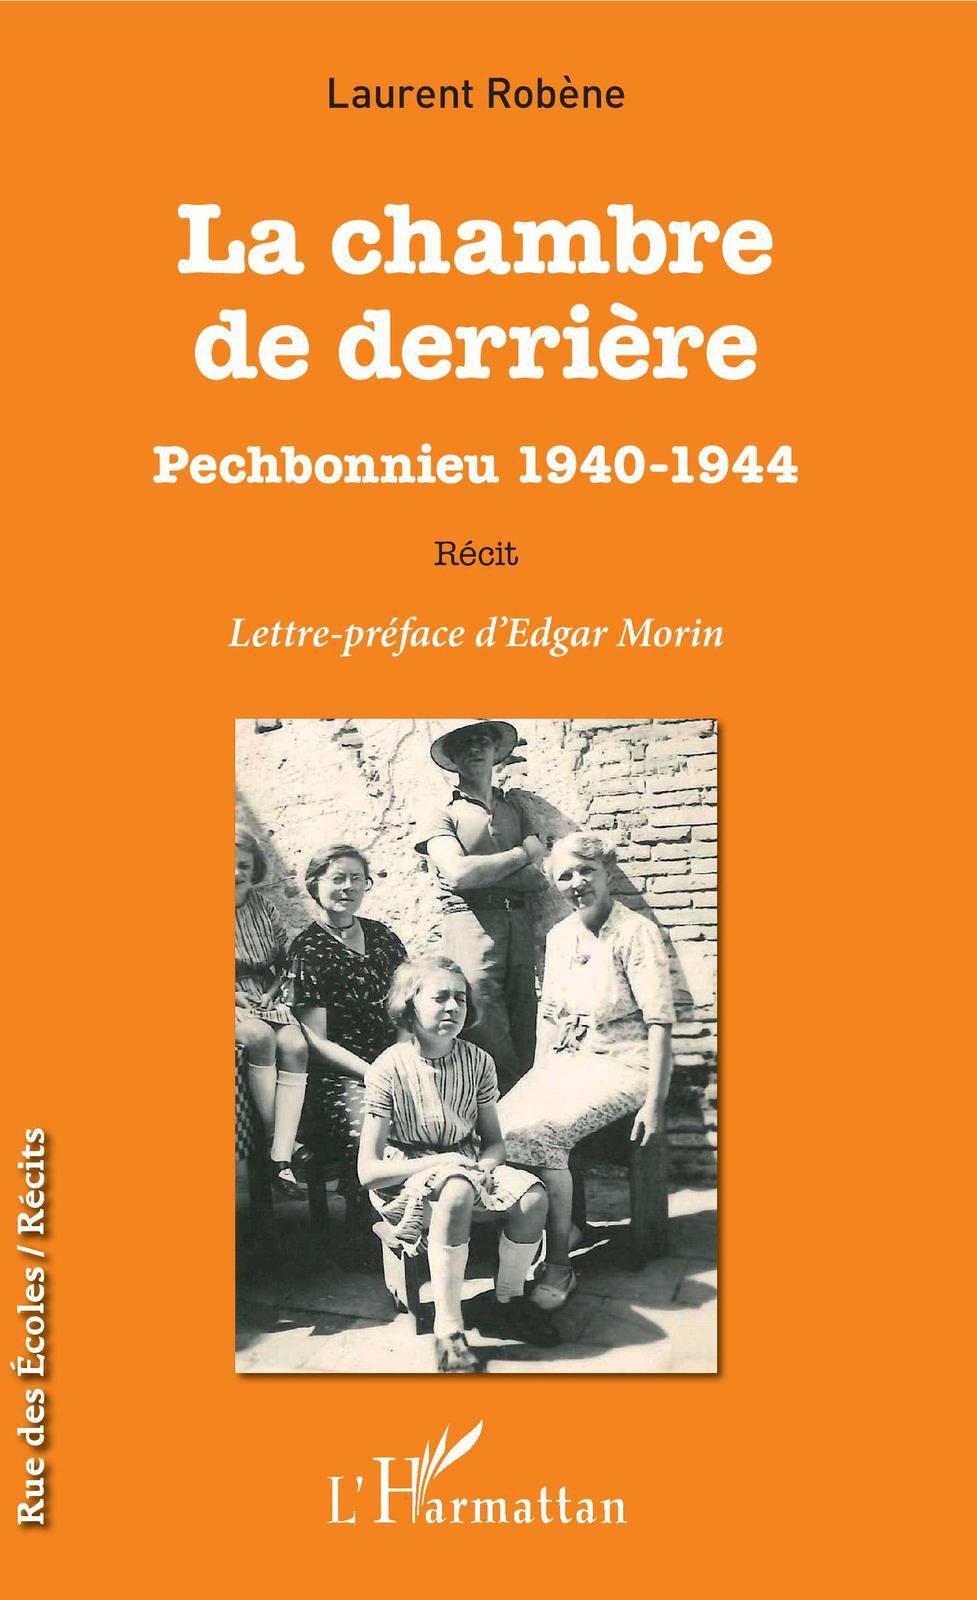 LA CHAMBRE DE DERRIÈRE Pechbonnieu 1940-1944 par Laurent Robène 75 ans après: Pechbonnieu, village résistant révélé